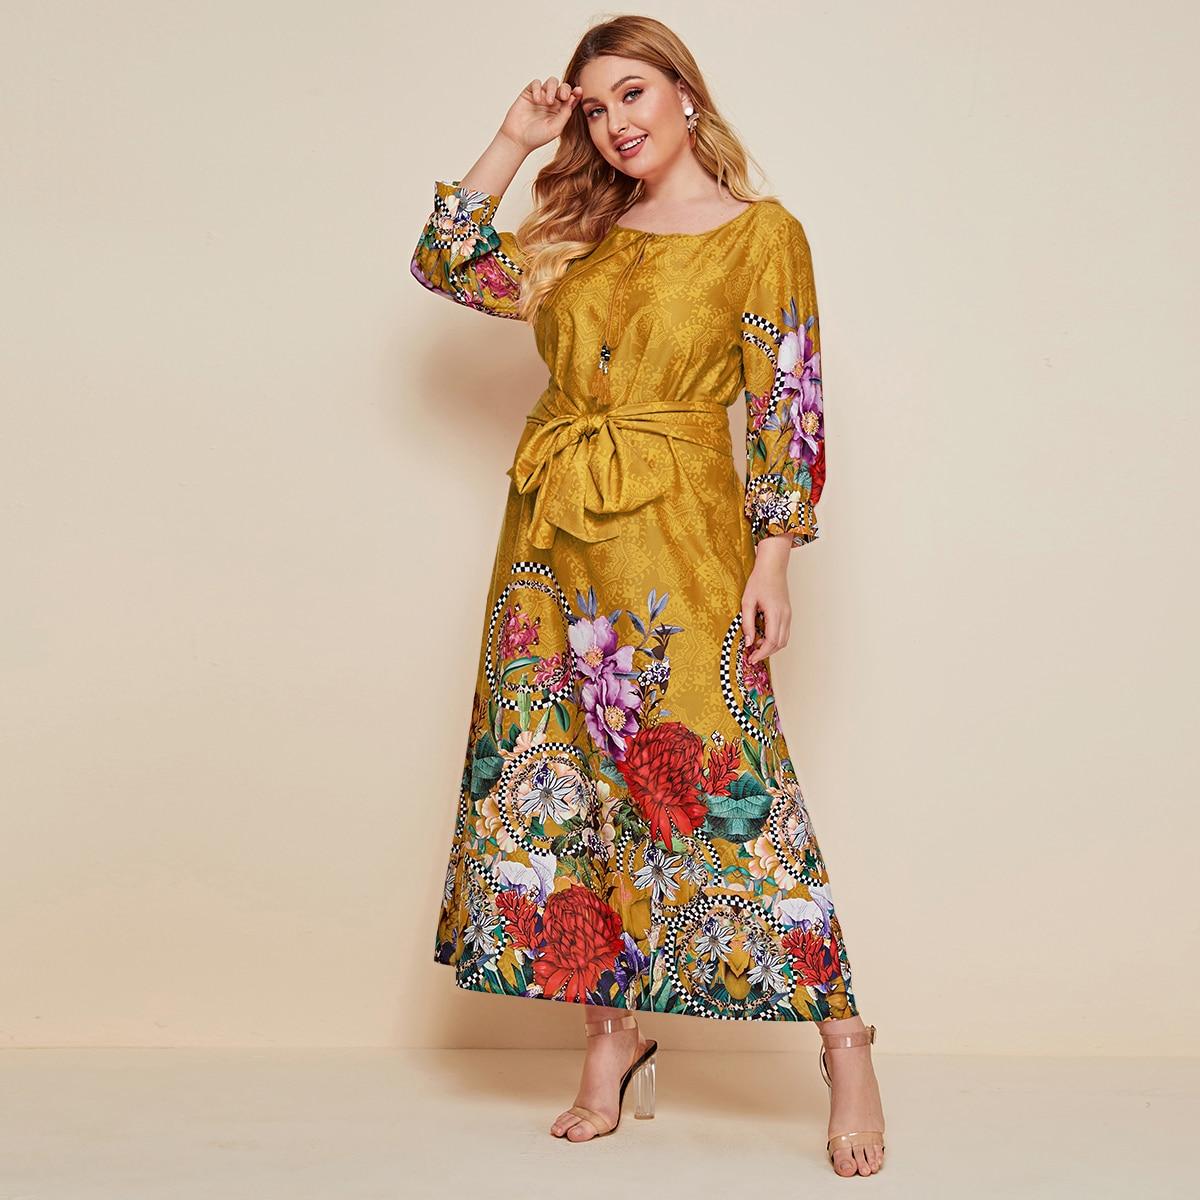 Платье размера плюс с поясом и оригинальным принтом фото